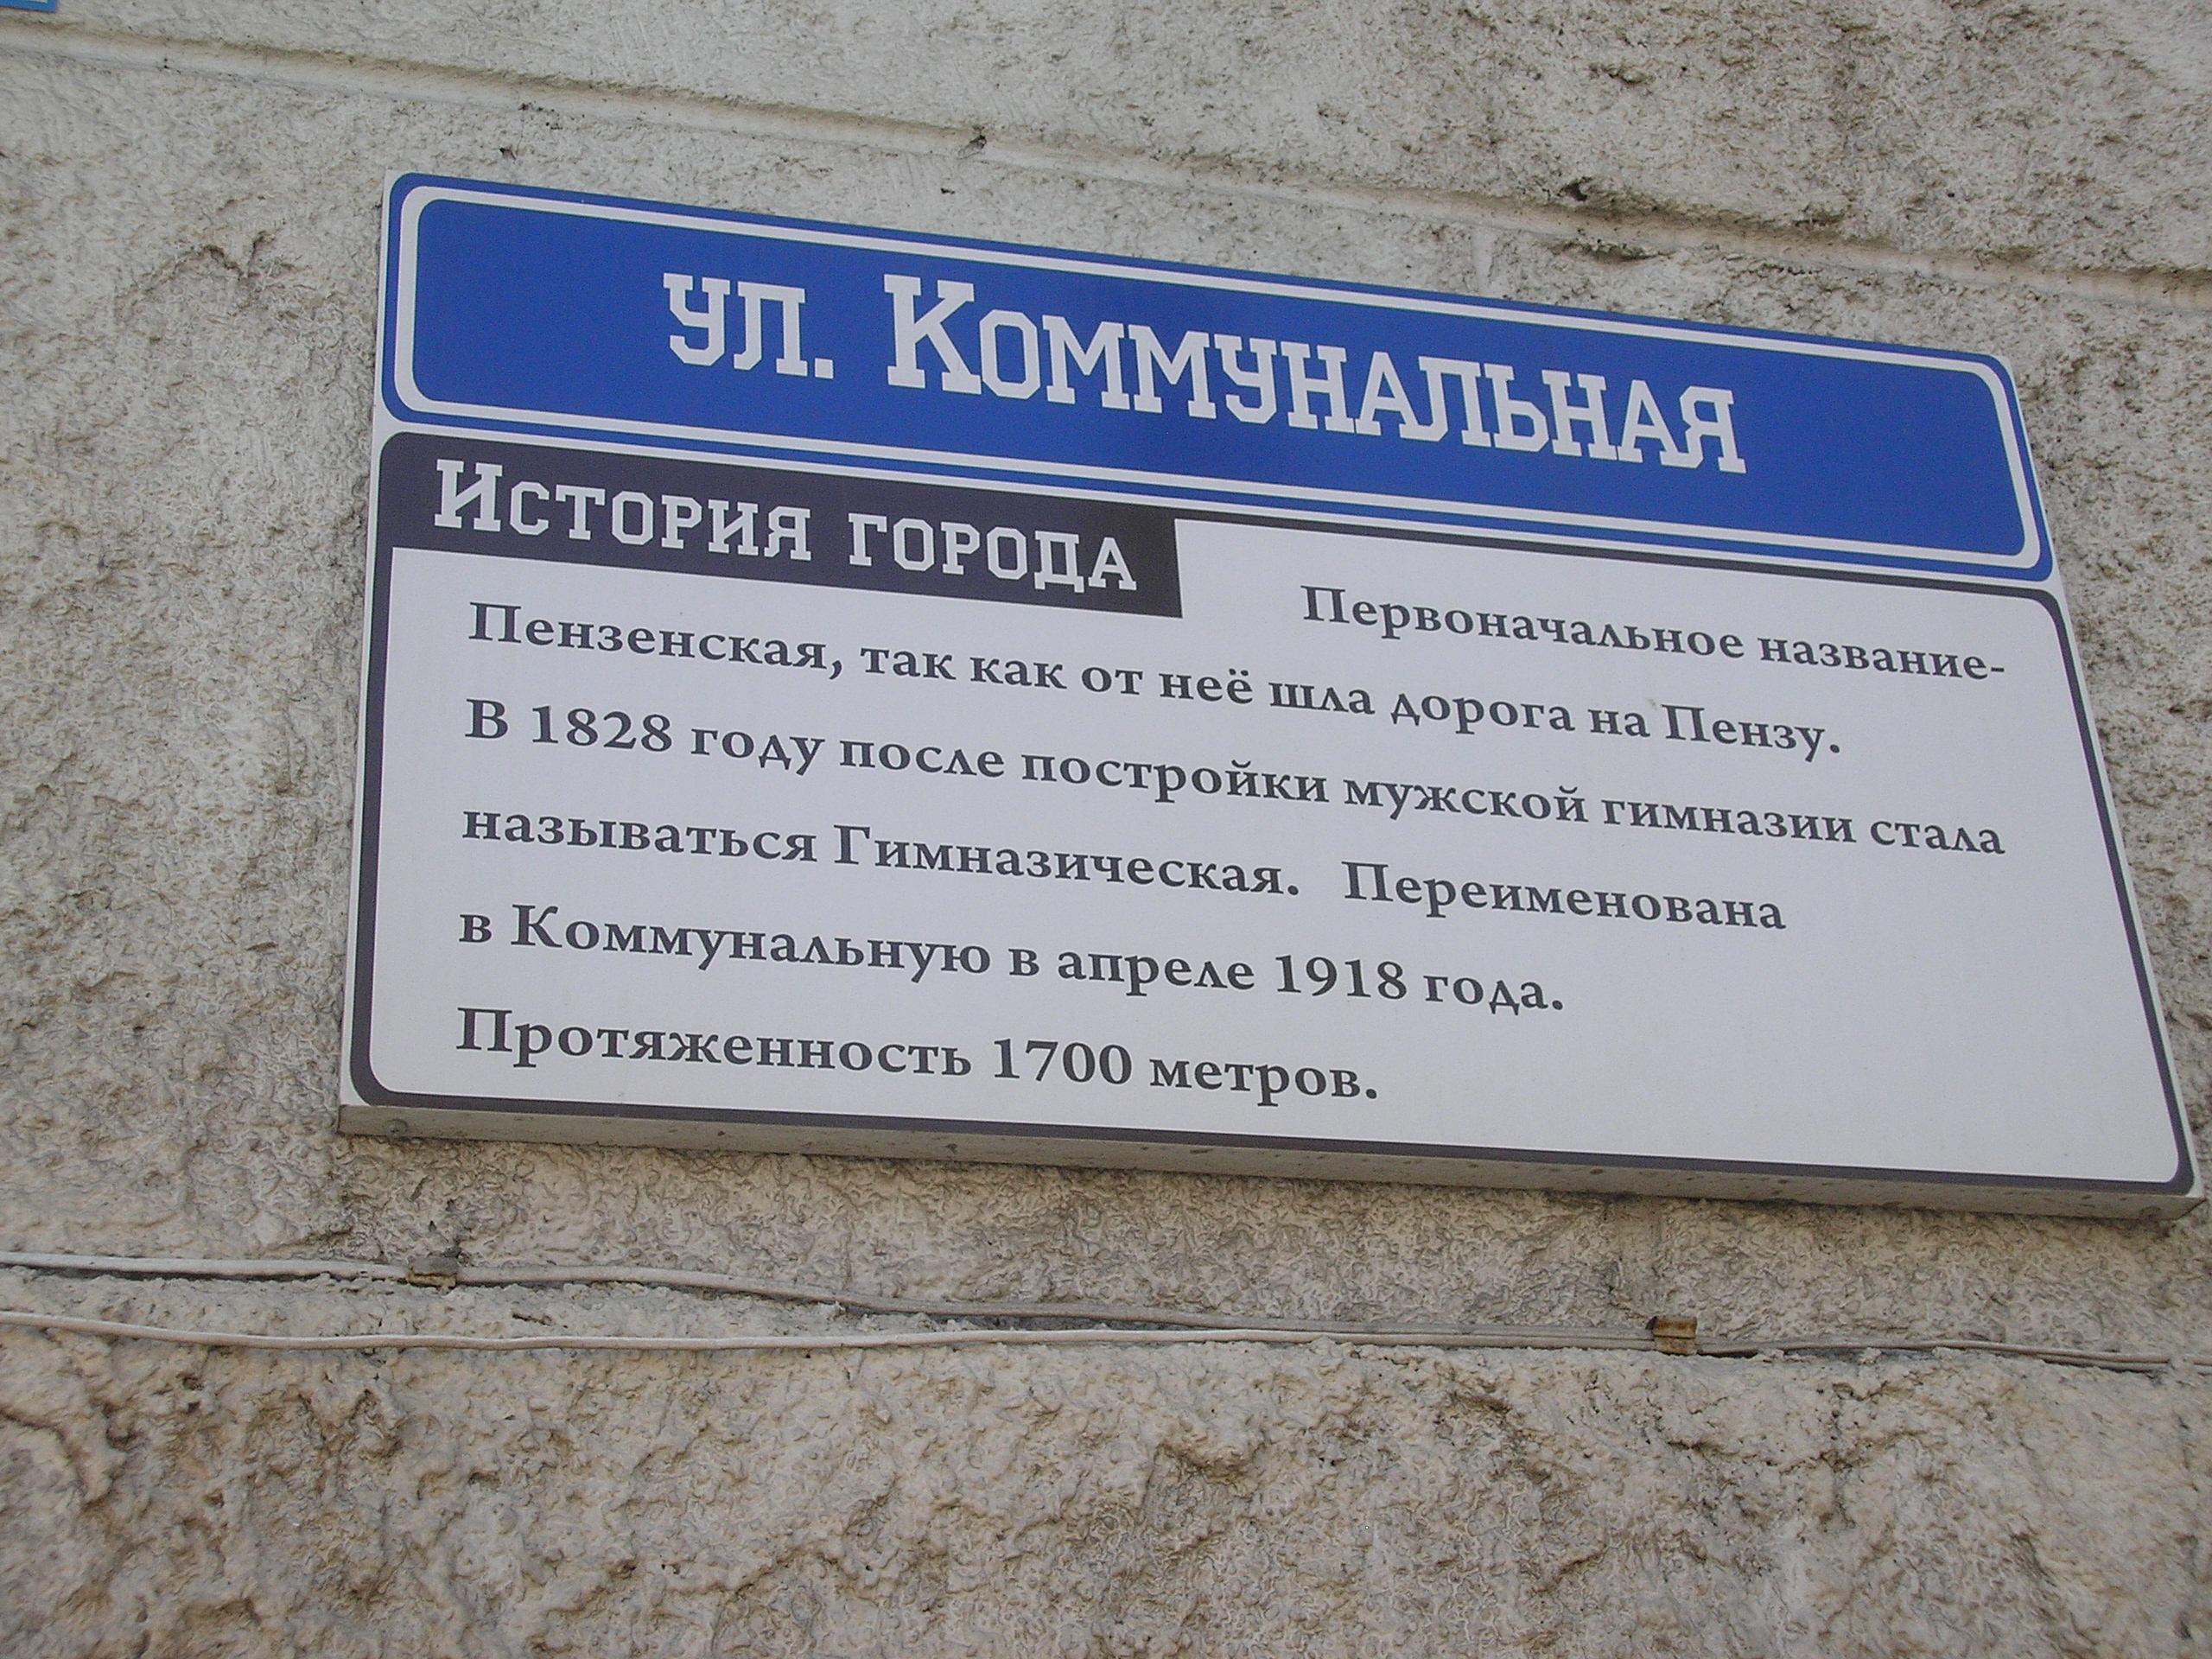 Коммунальная табличка